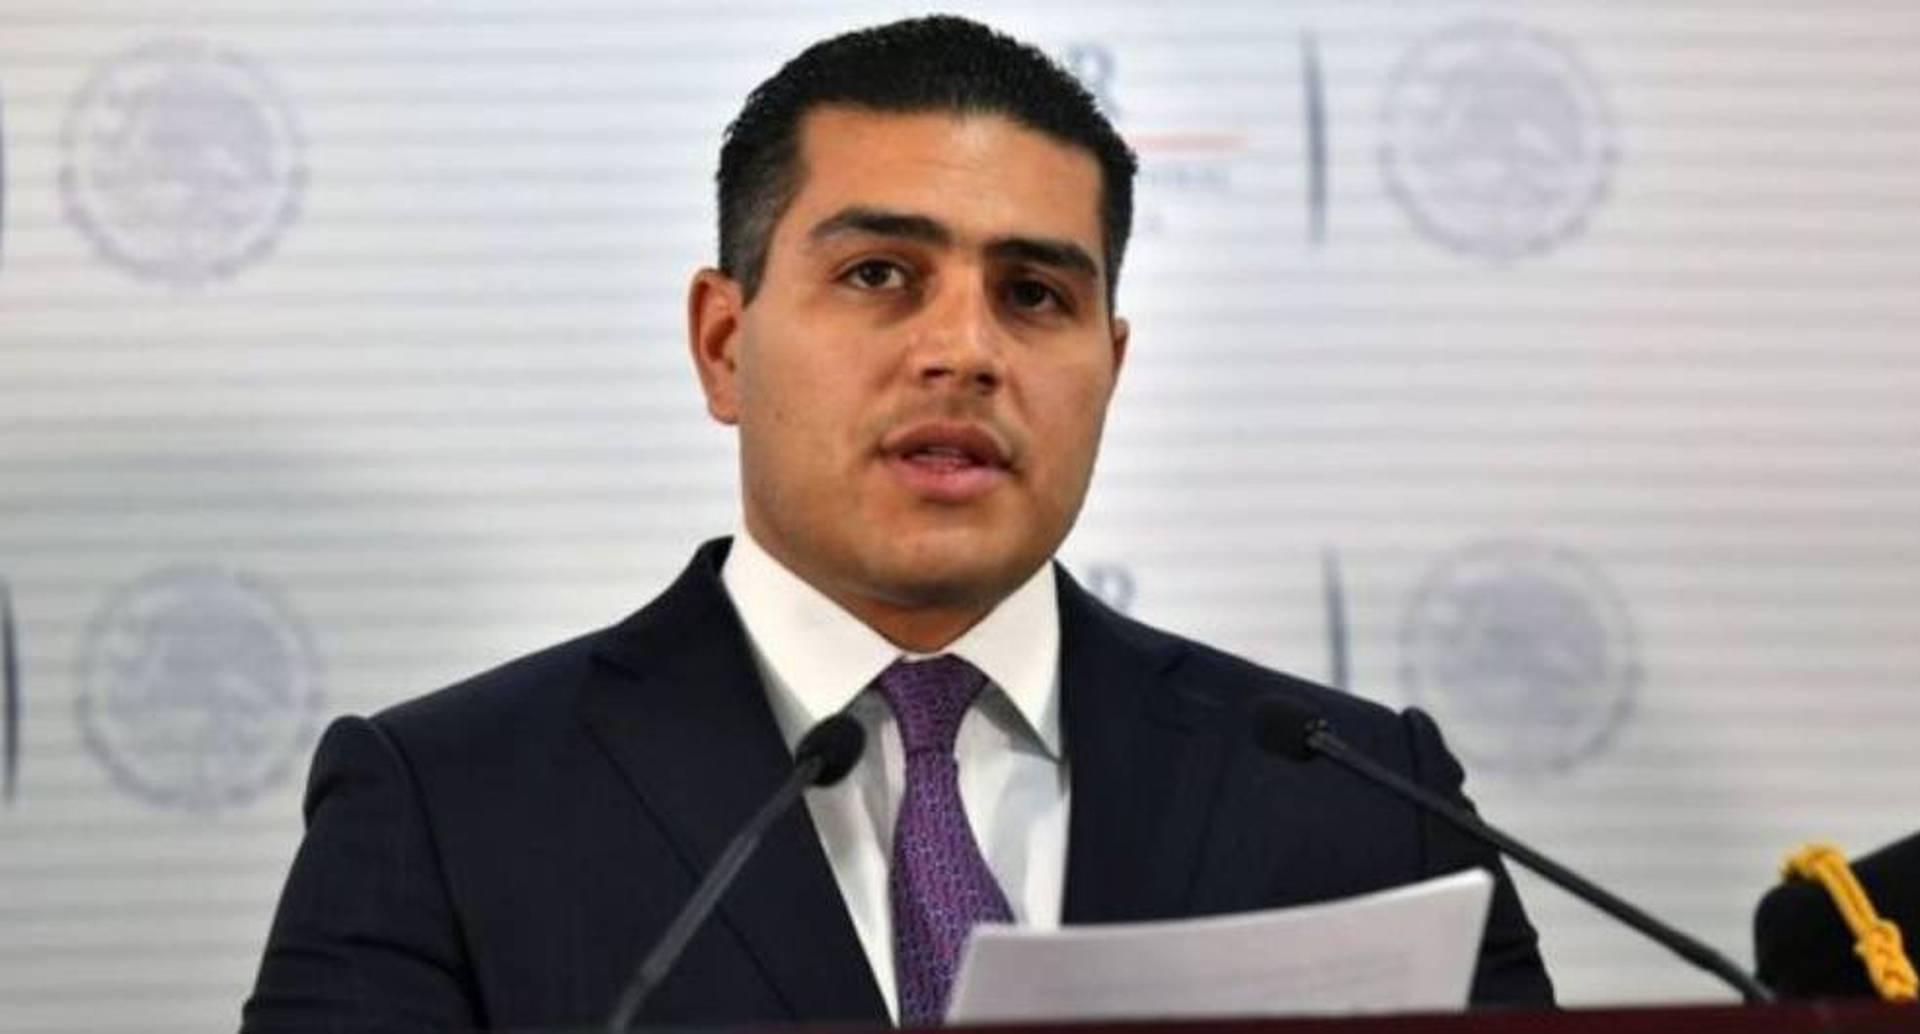 El secretario de Seguridad de Ciudad de México, Omar García Harfuch resultó herido en un atentado este viernes aunque se encuentra fuera de peligro.